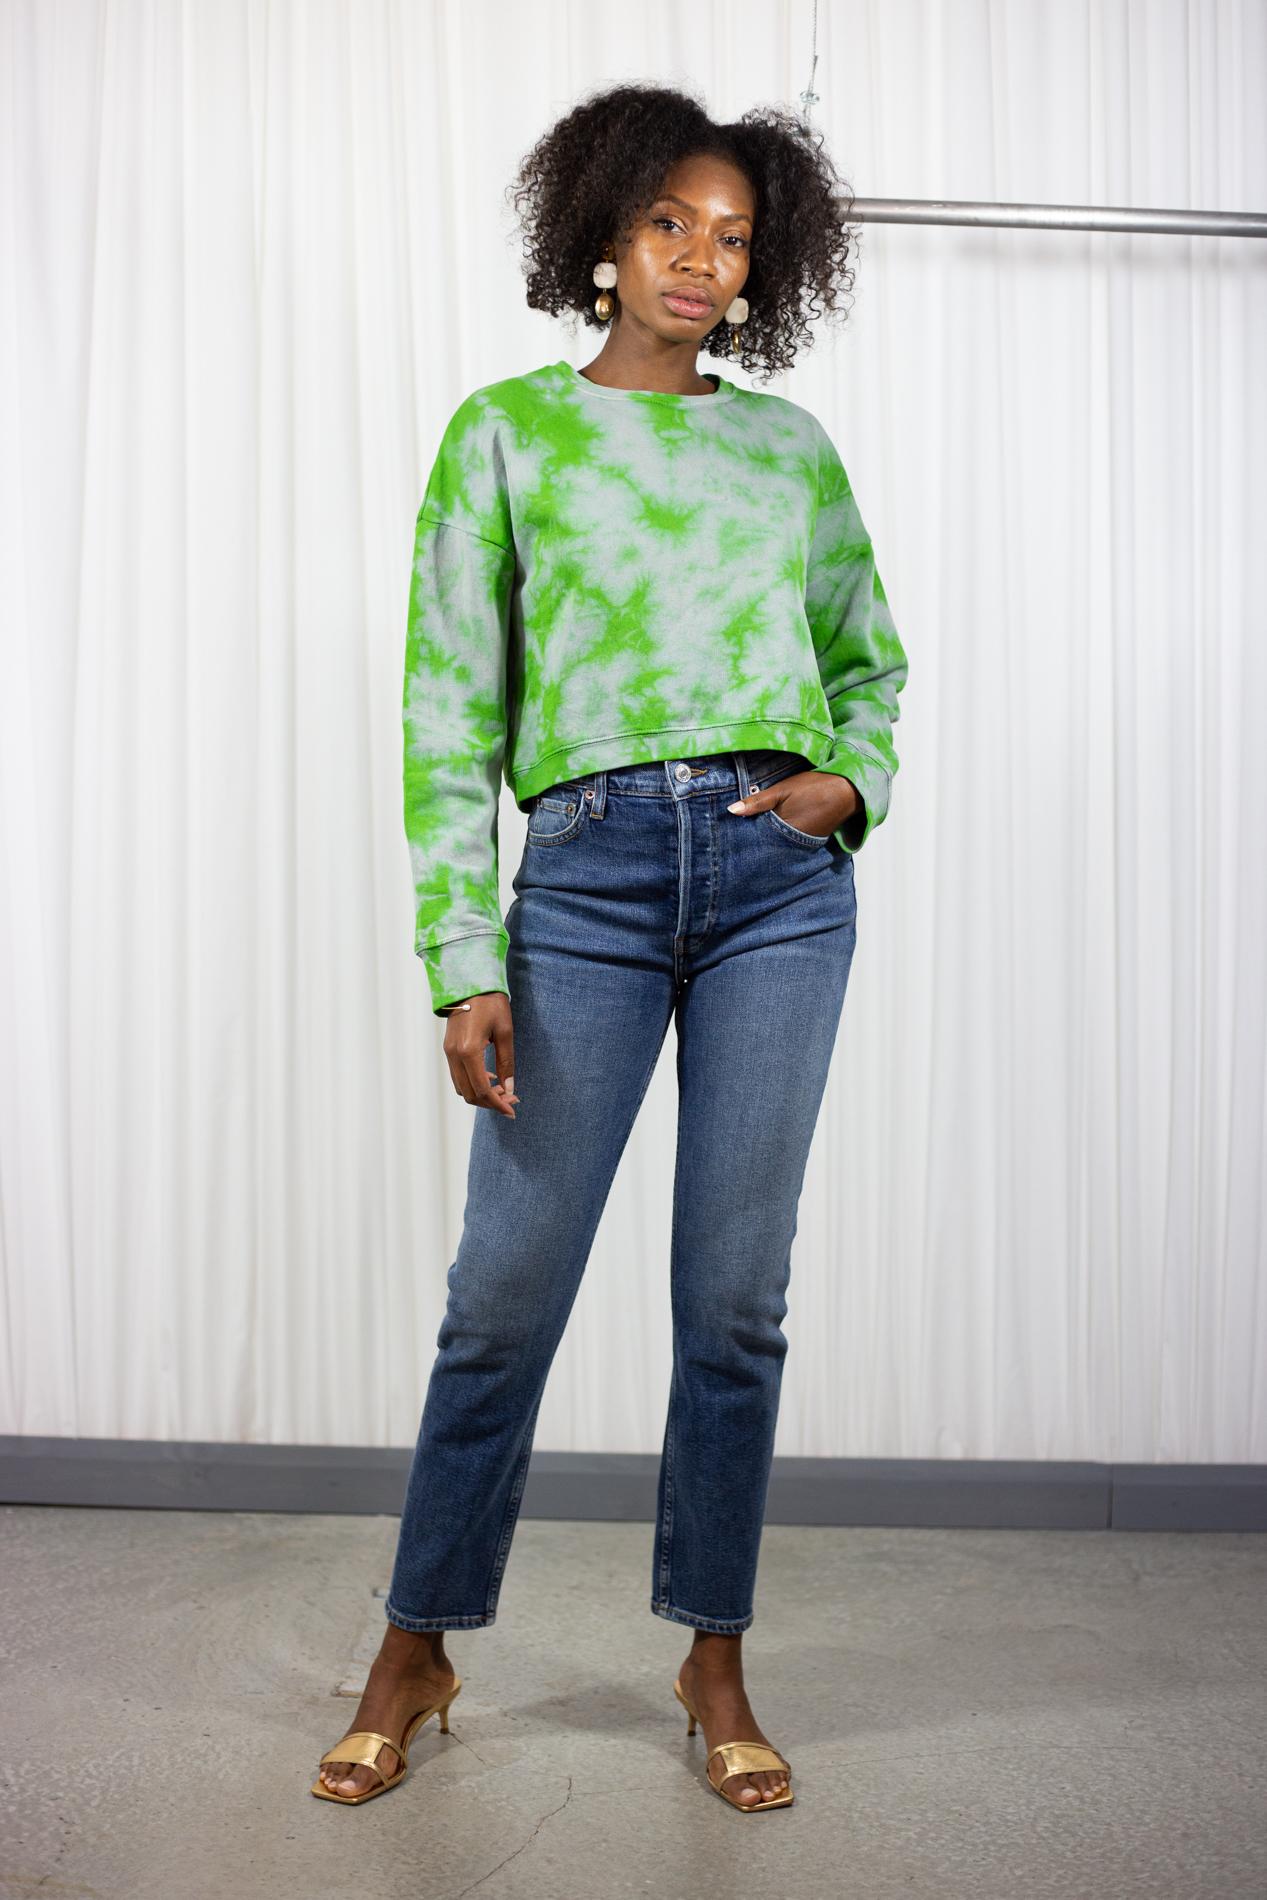 Green Tie Dye Jumper